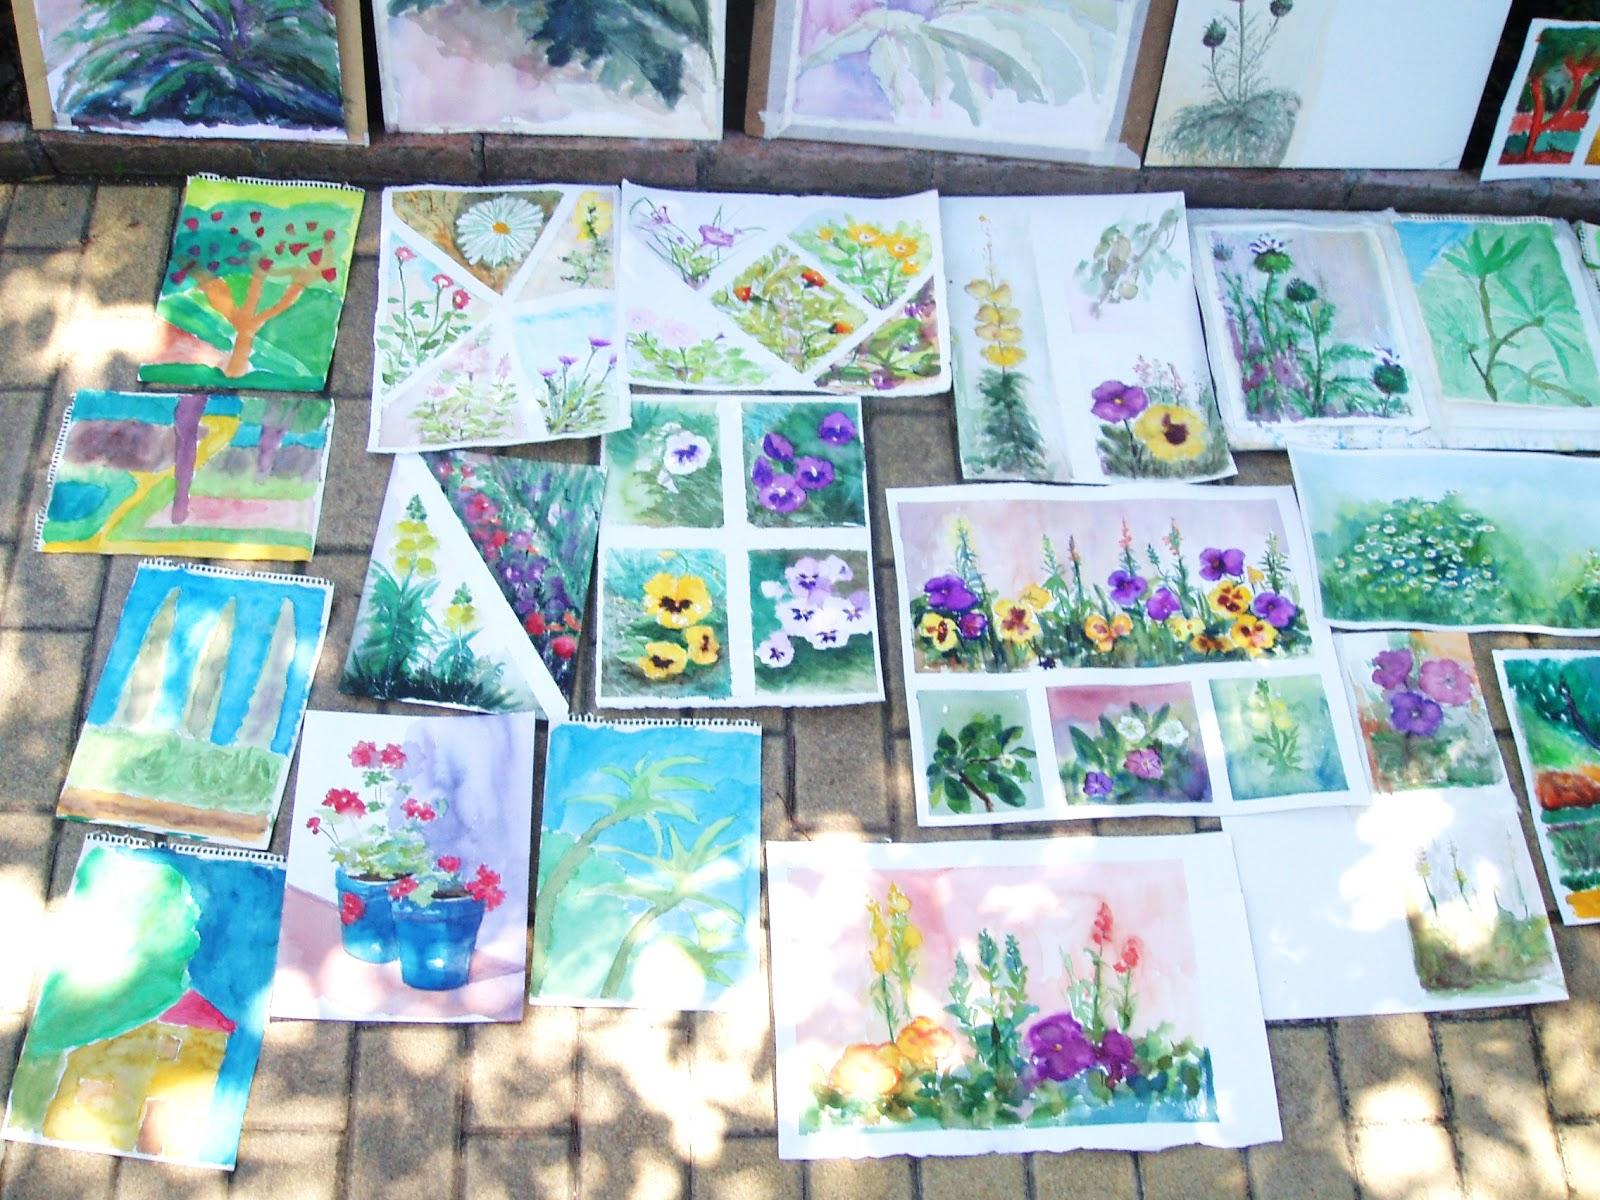 Escuela de arte antonio povedano soledad madrid curso for Jardin botanico cursos